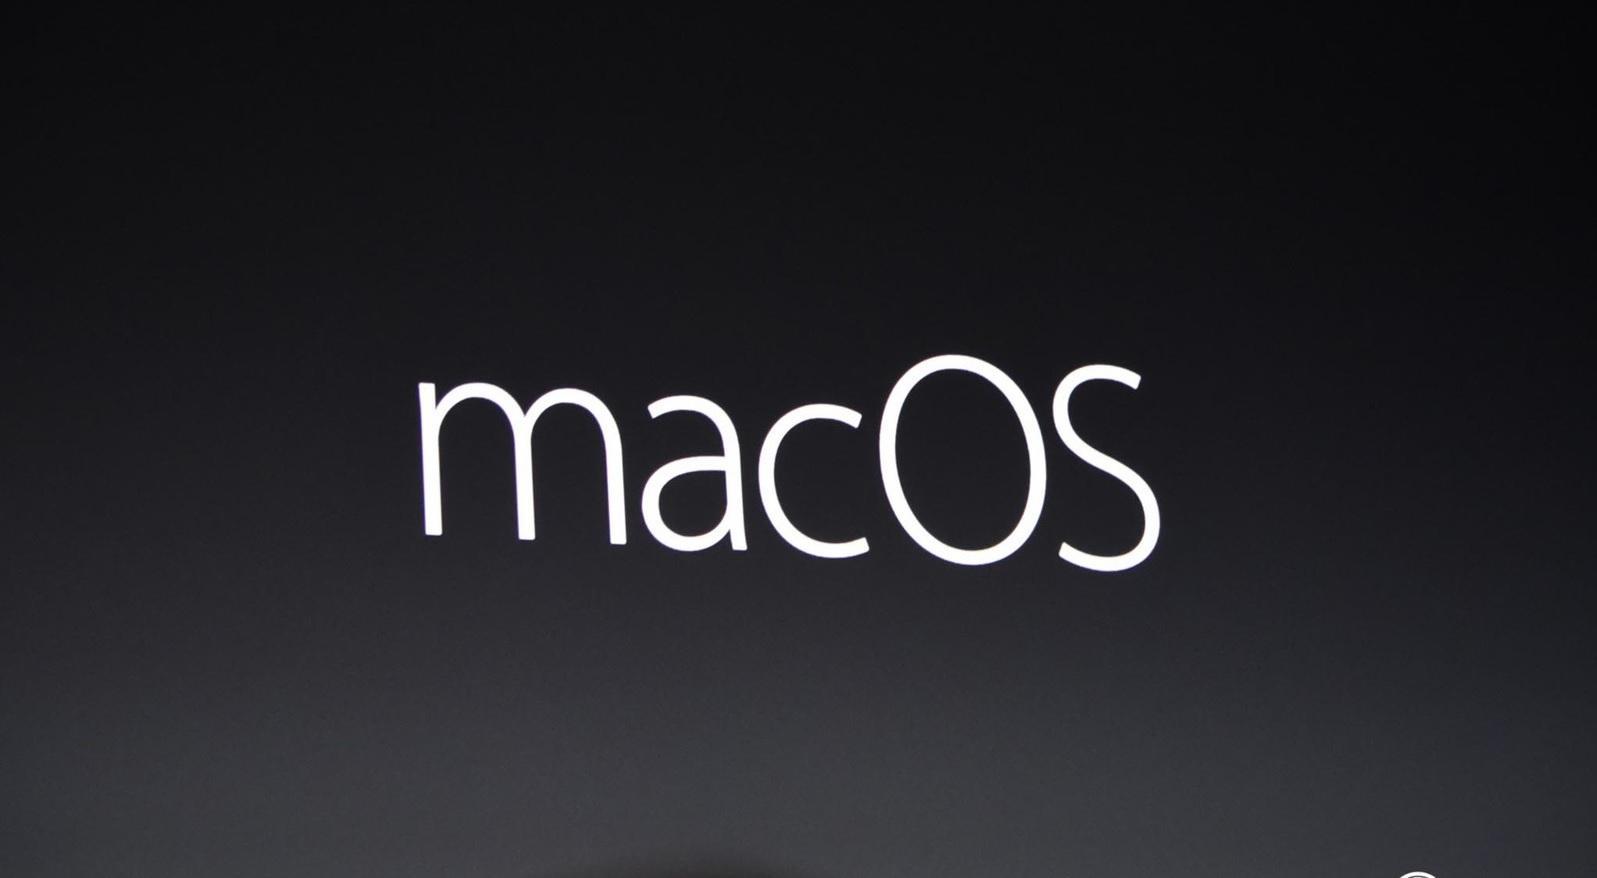 MacOS 12 Sierra